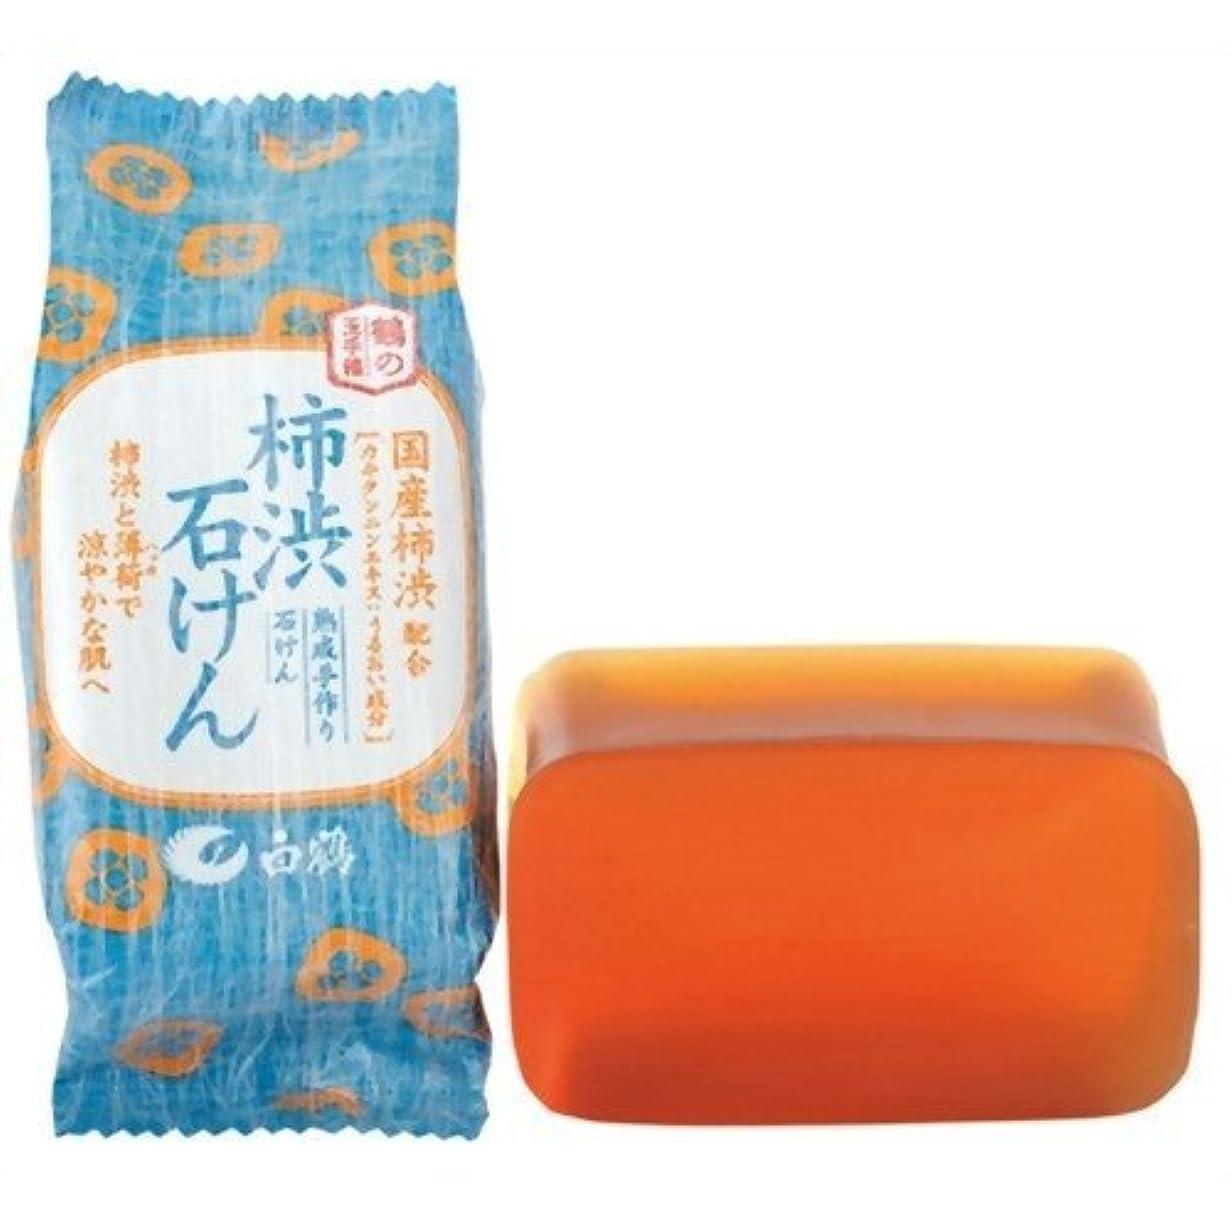 白鶴 鶴の玉手箱 薬用 柿渋石けん 110g × 5個